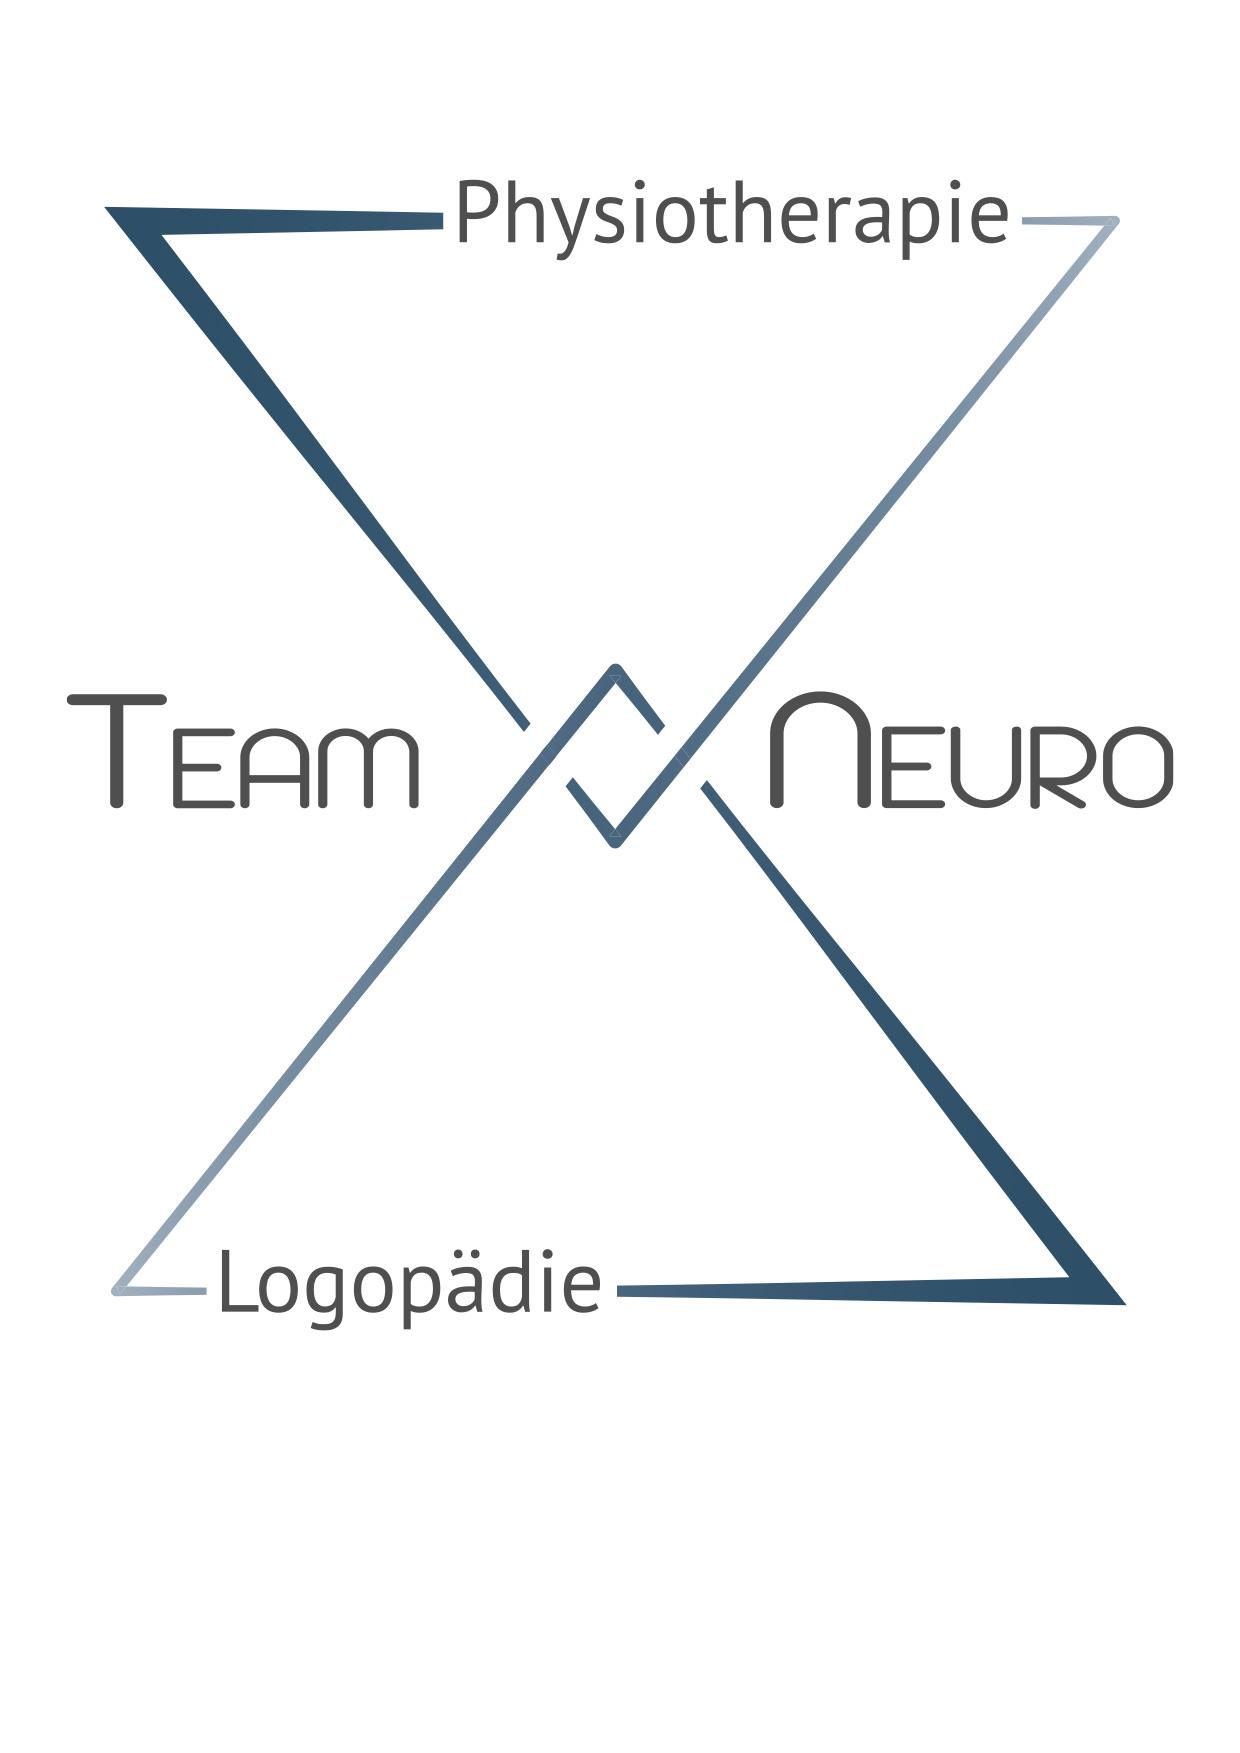 Team Neuro - Praxis für Physiotherapie & Logopädie